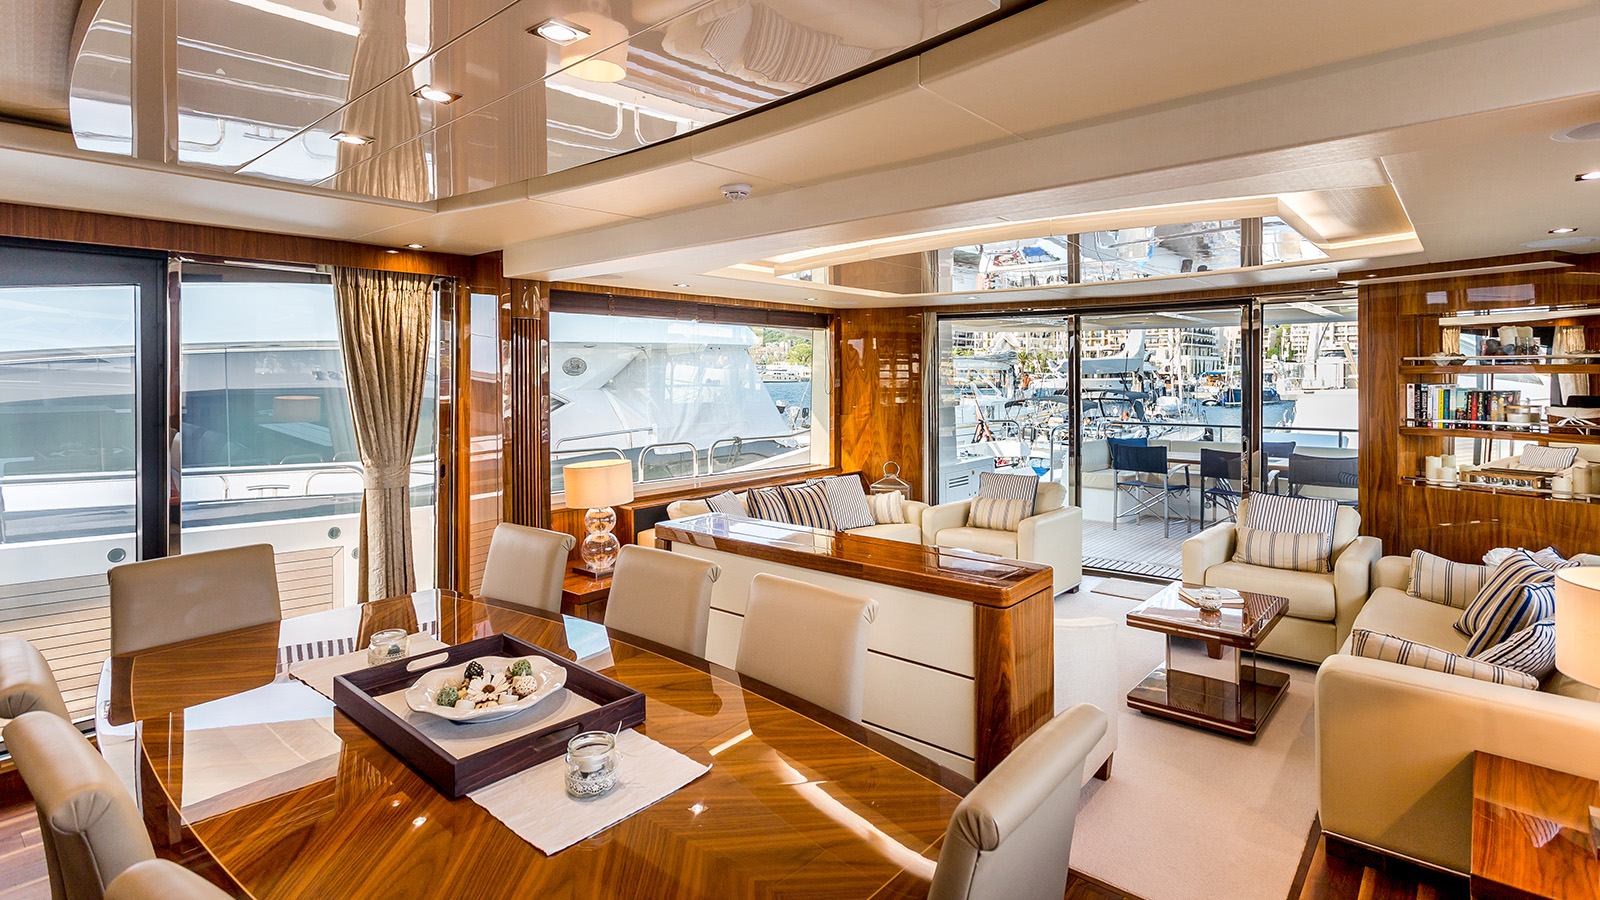 Sunseeker 86 Yacht - Stardust of Poole - Saloon 4